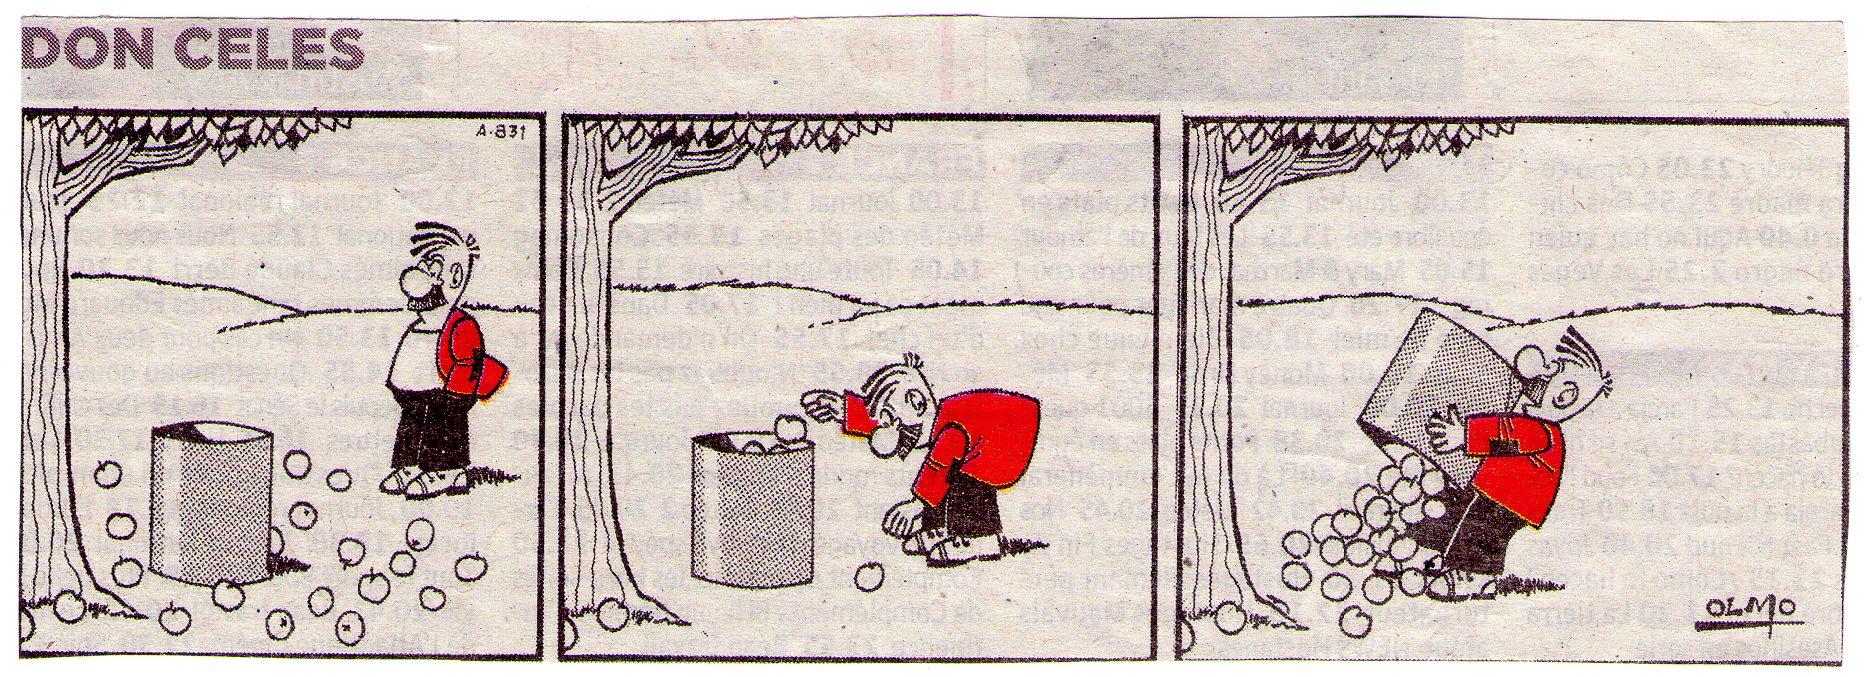 Don Celes llena una caja de manzanas